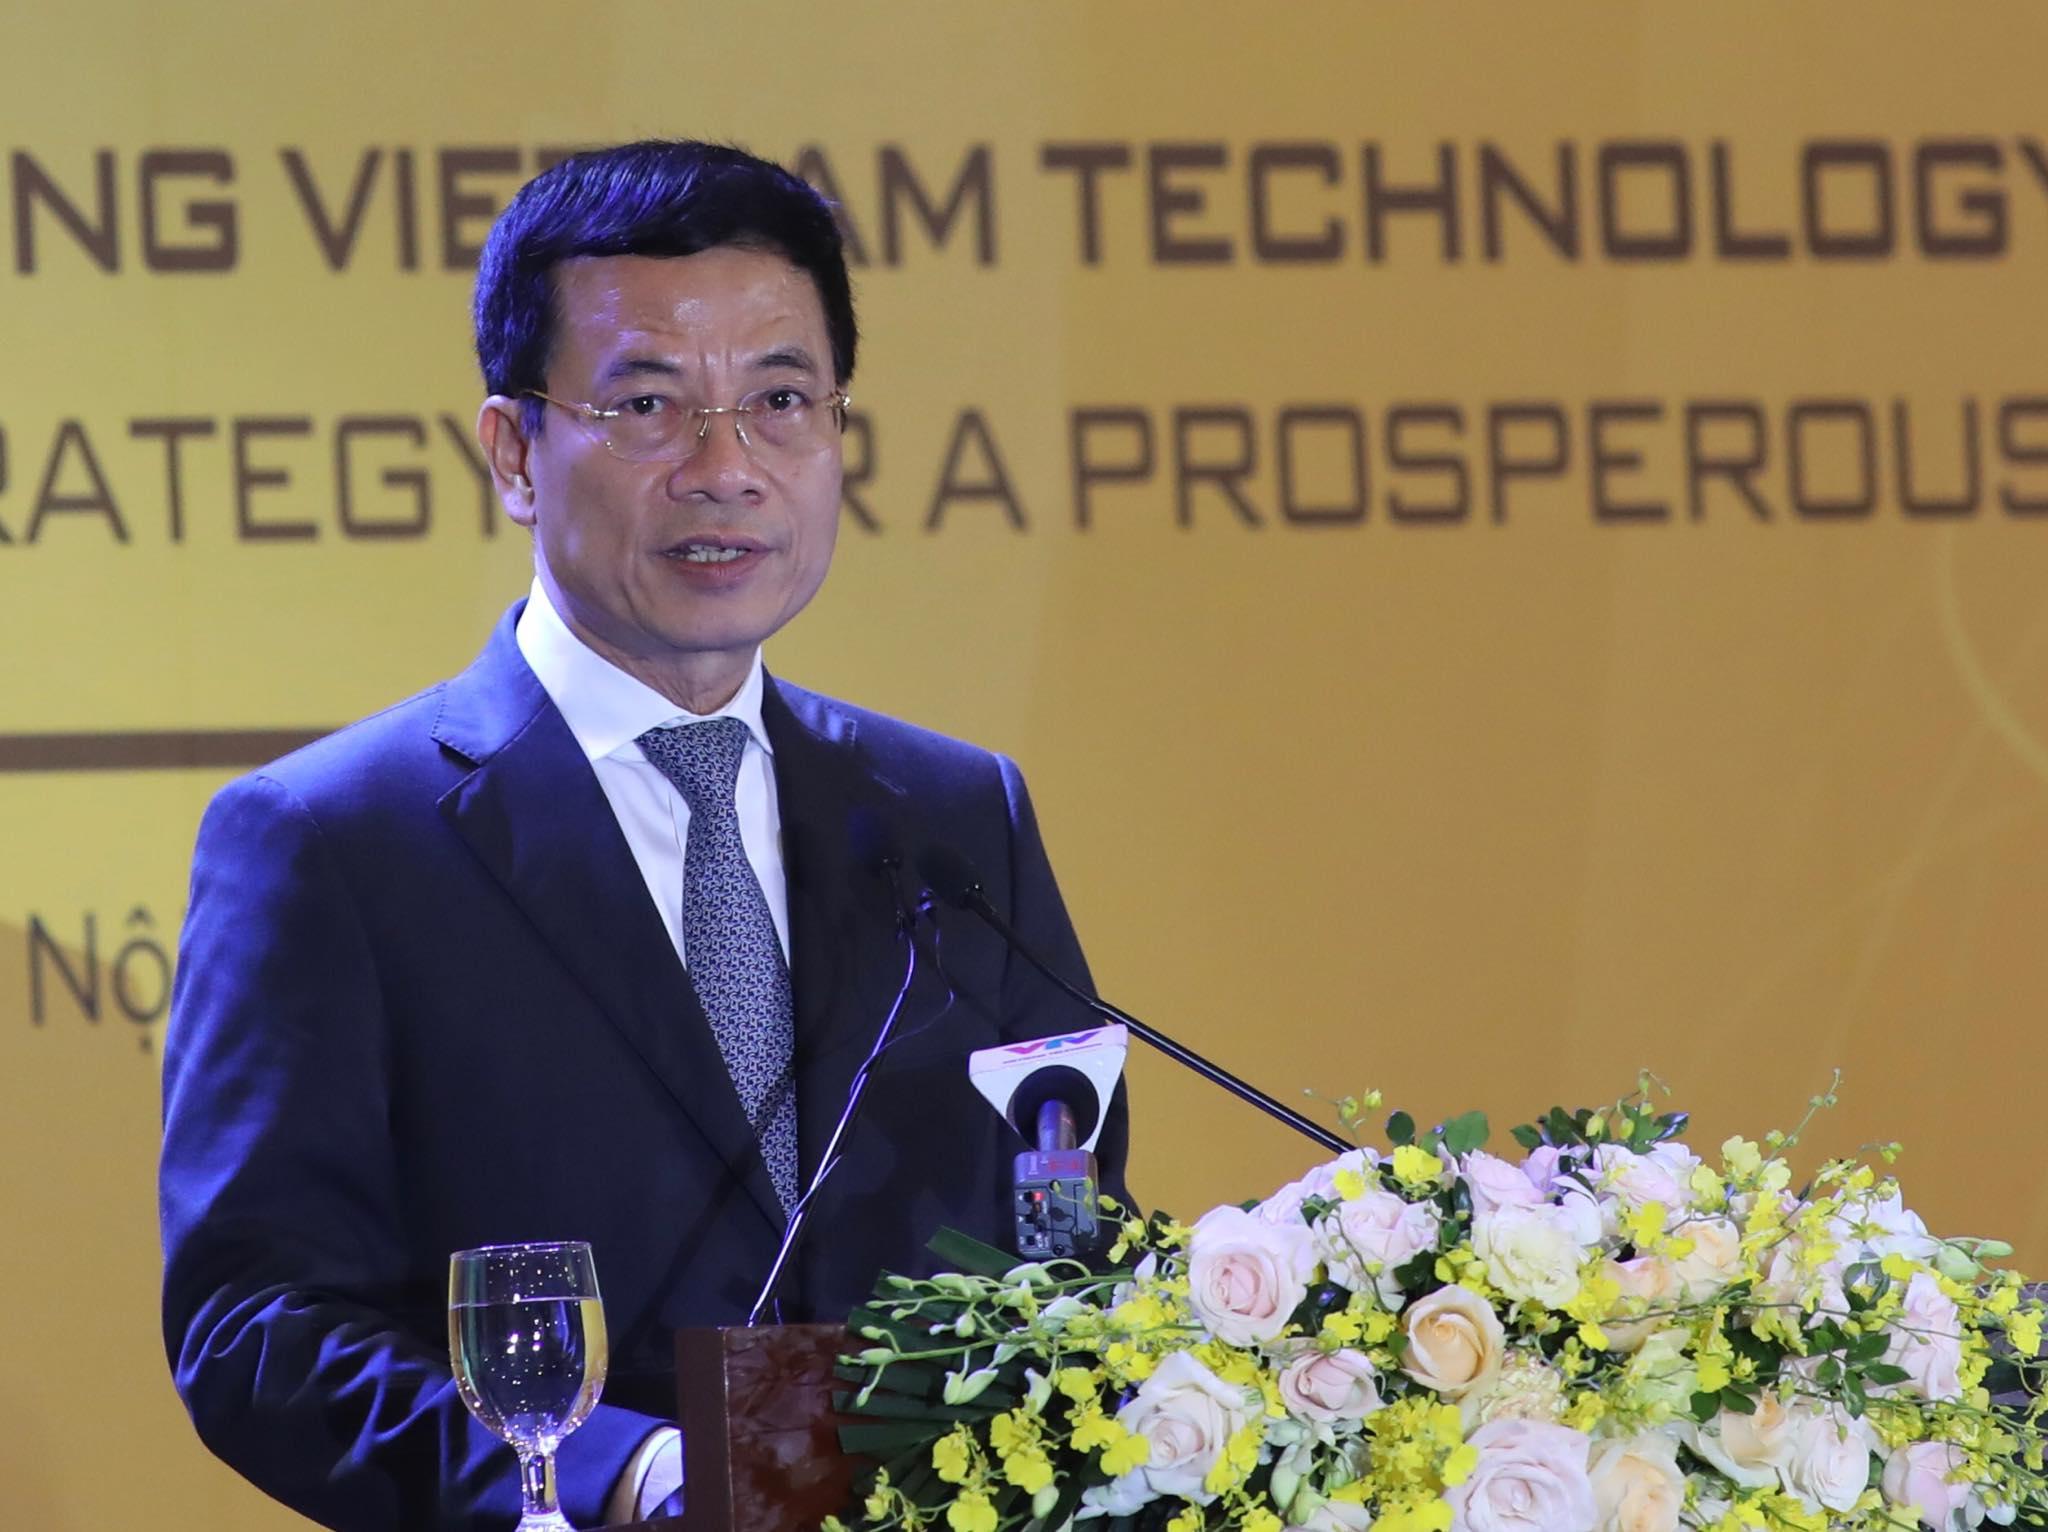 Bộ trưởng Nguyễn Mạnh Hùng: 'Nỏ thần Việt Nam chỉ có thể do người Việt làm ra'